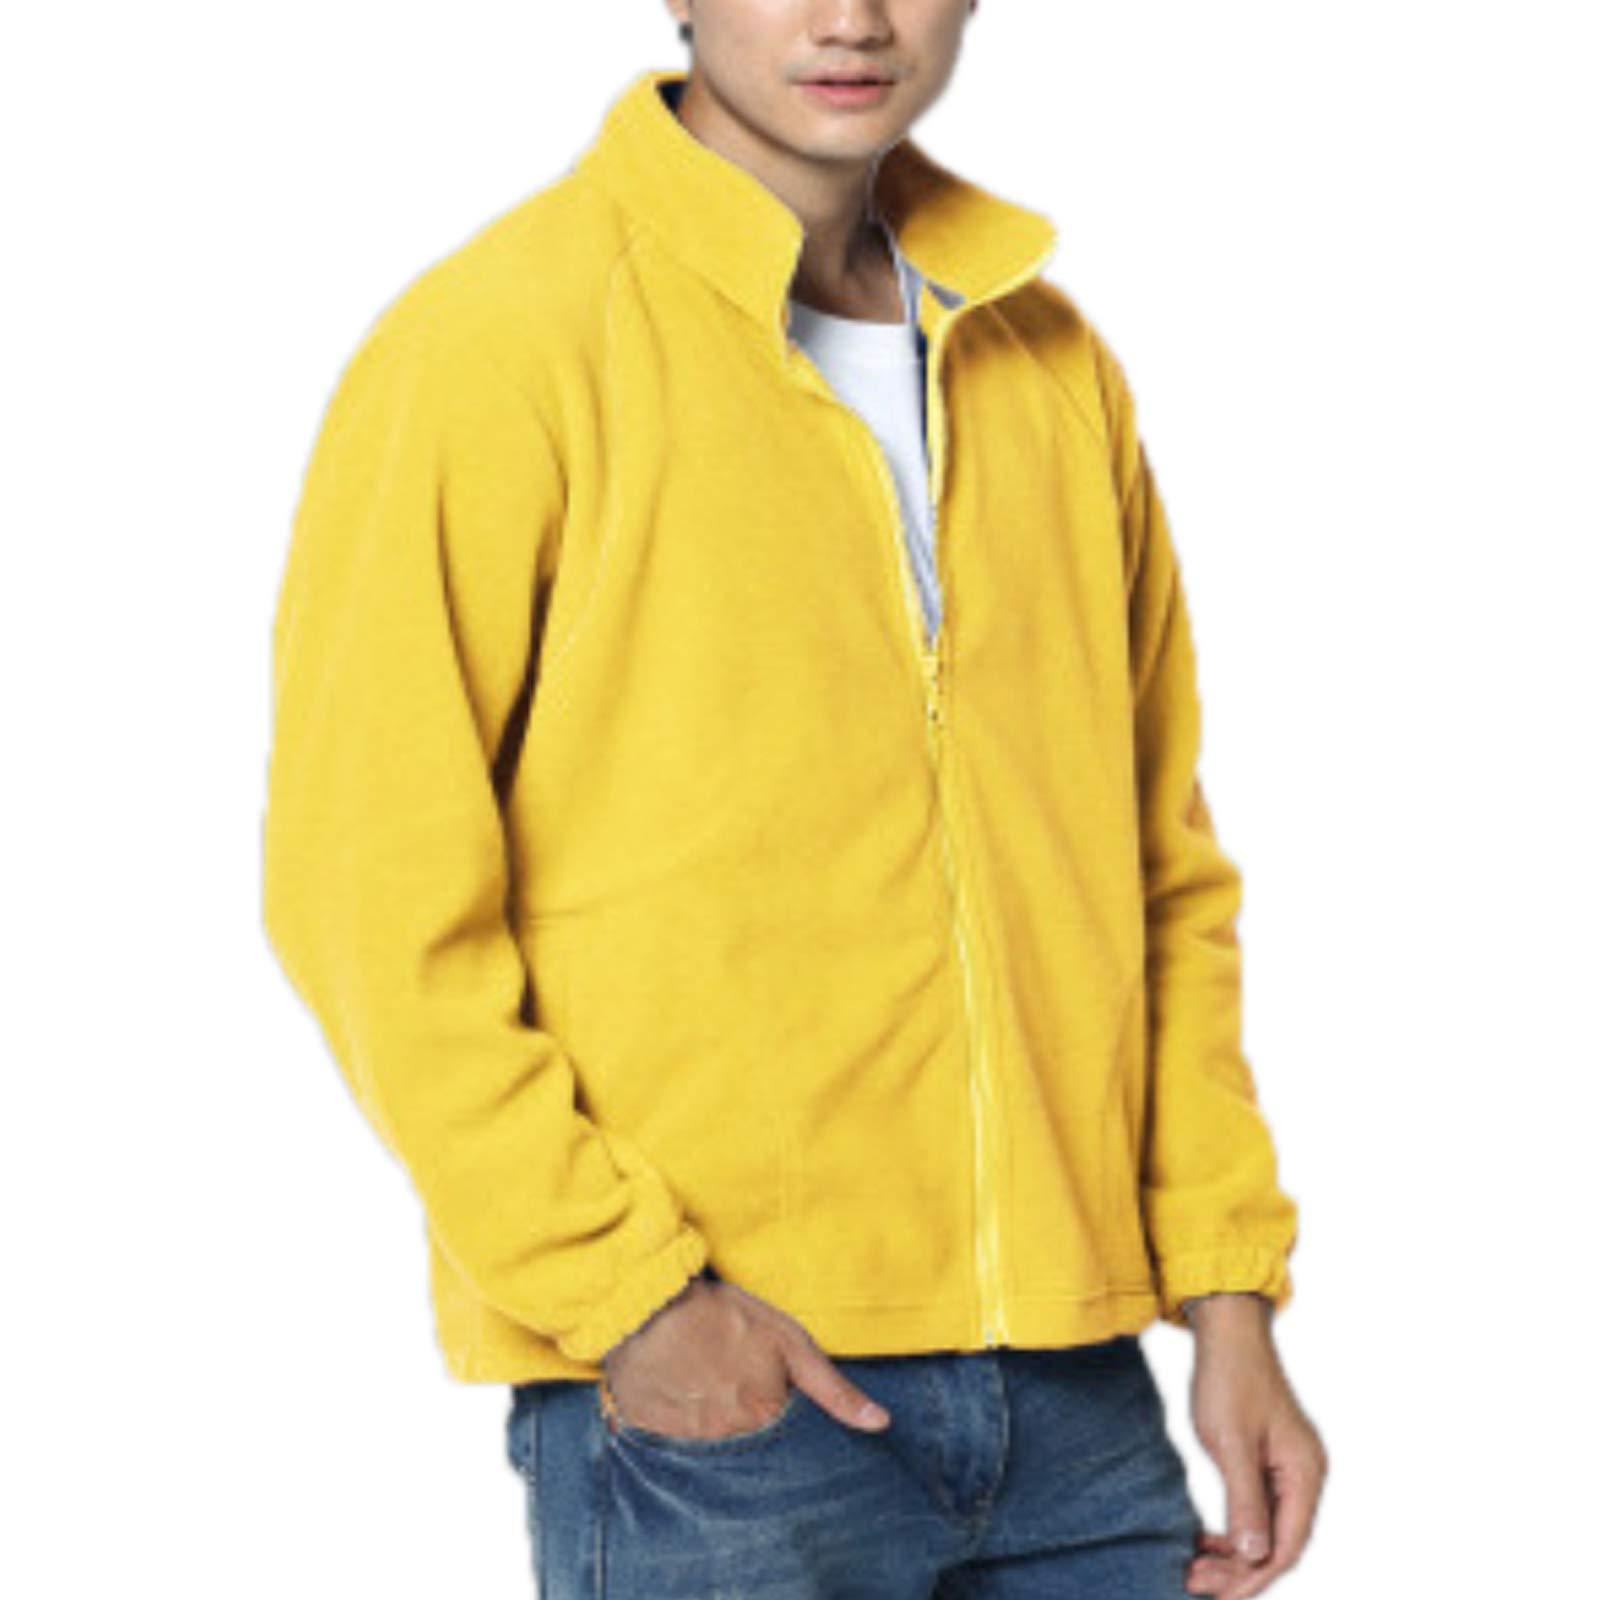 ZumZup Mens Fleece Jacket Full Zip Stand Collar Sportwear Top Outwear Yellow1 Bust 46.8''(Asie XL) by ZumZup